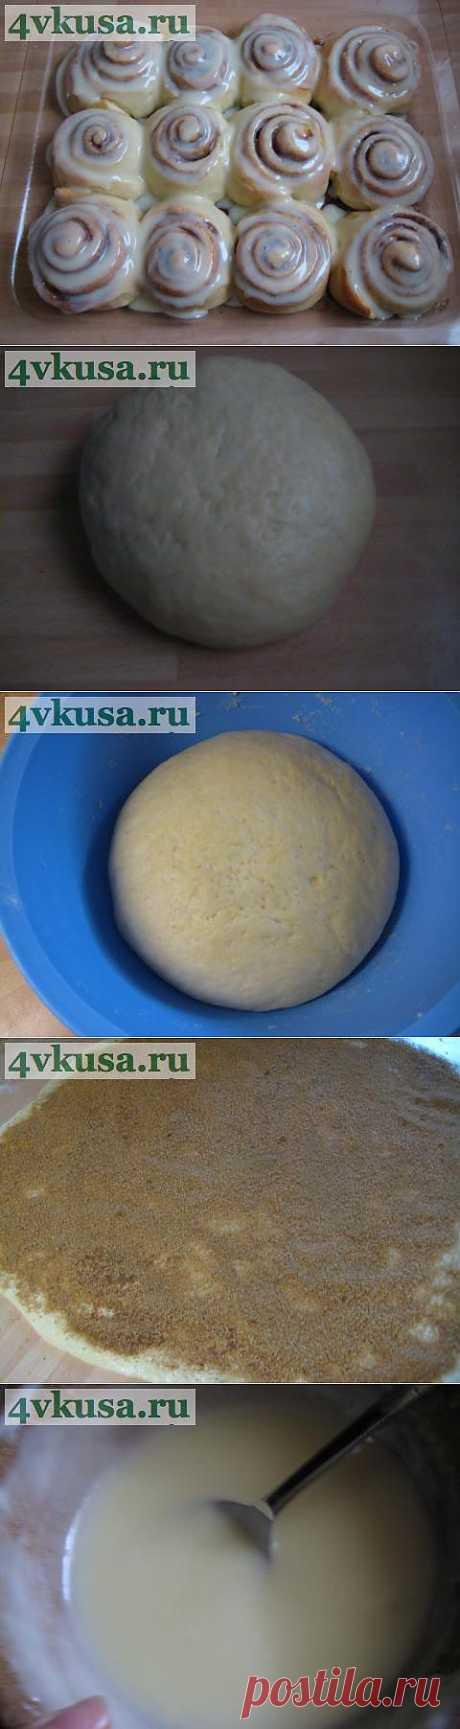 Циннамоновый рулет - Для теста: 200 мл молока, 50 г сливочного масла, 500 г муки, 1/2 чл соли, 70 г сахара, 1 яйцо. 1 пакетик сухих дрожжей Для начинки: 50 г очень мягкого сливочного масла, 130 г коричневого сахара, 2 полные стл молотой корицы Для помадки: 100 г мягкого сыра типа «Филадельфии» или «Маскарпоне» или просто нежно протертого сквозь сито творога (сырковой массы), 30 г сливочного масла, 100 г сахарной пудры, 4 капли ванильной эссенции | 4vkusa.ru